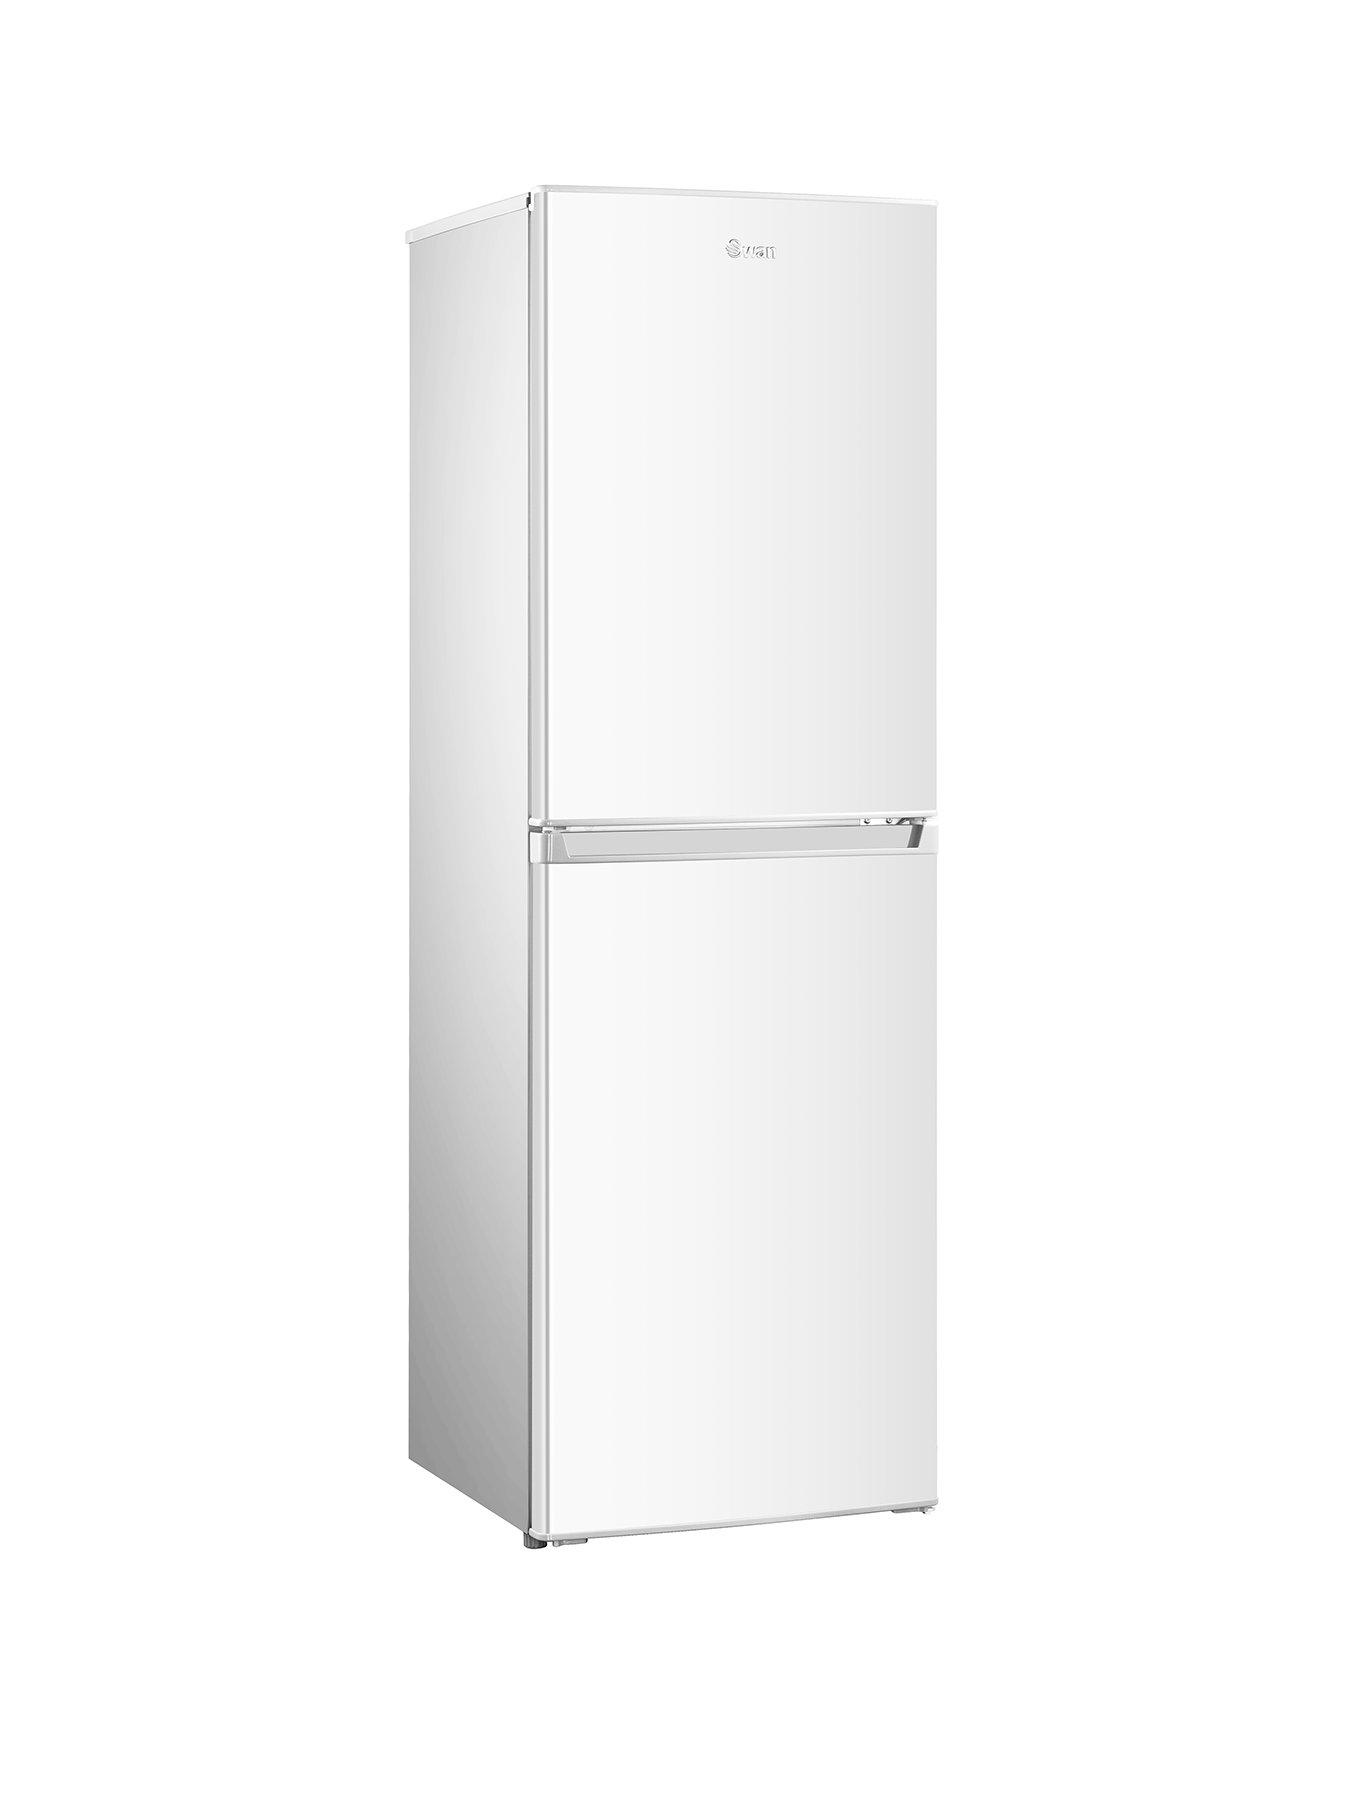 Swan Sr8130w Fridge Freezer Appliance Spotter